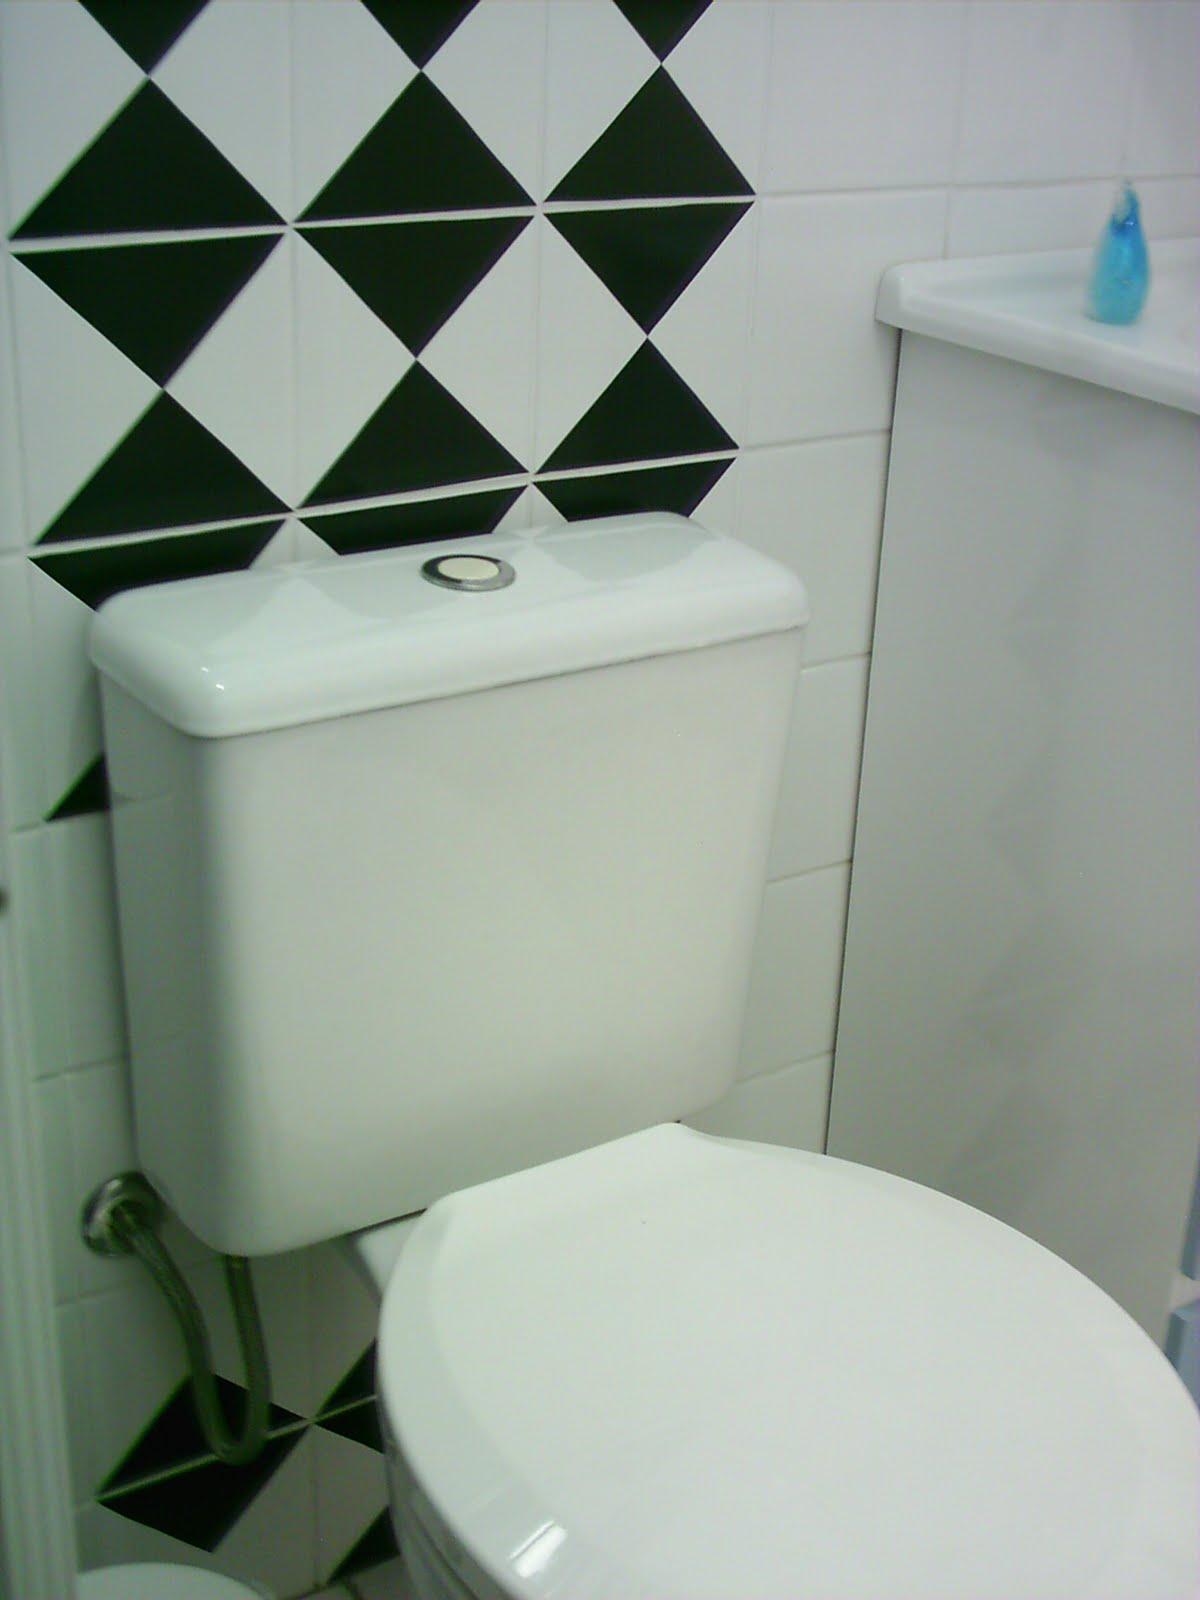 ENTRE E SINTA SE EM CASA: Decorando o banheiro! #182718 1200x1600 Azulejo Para Banheiro Decorado